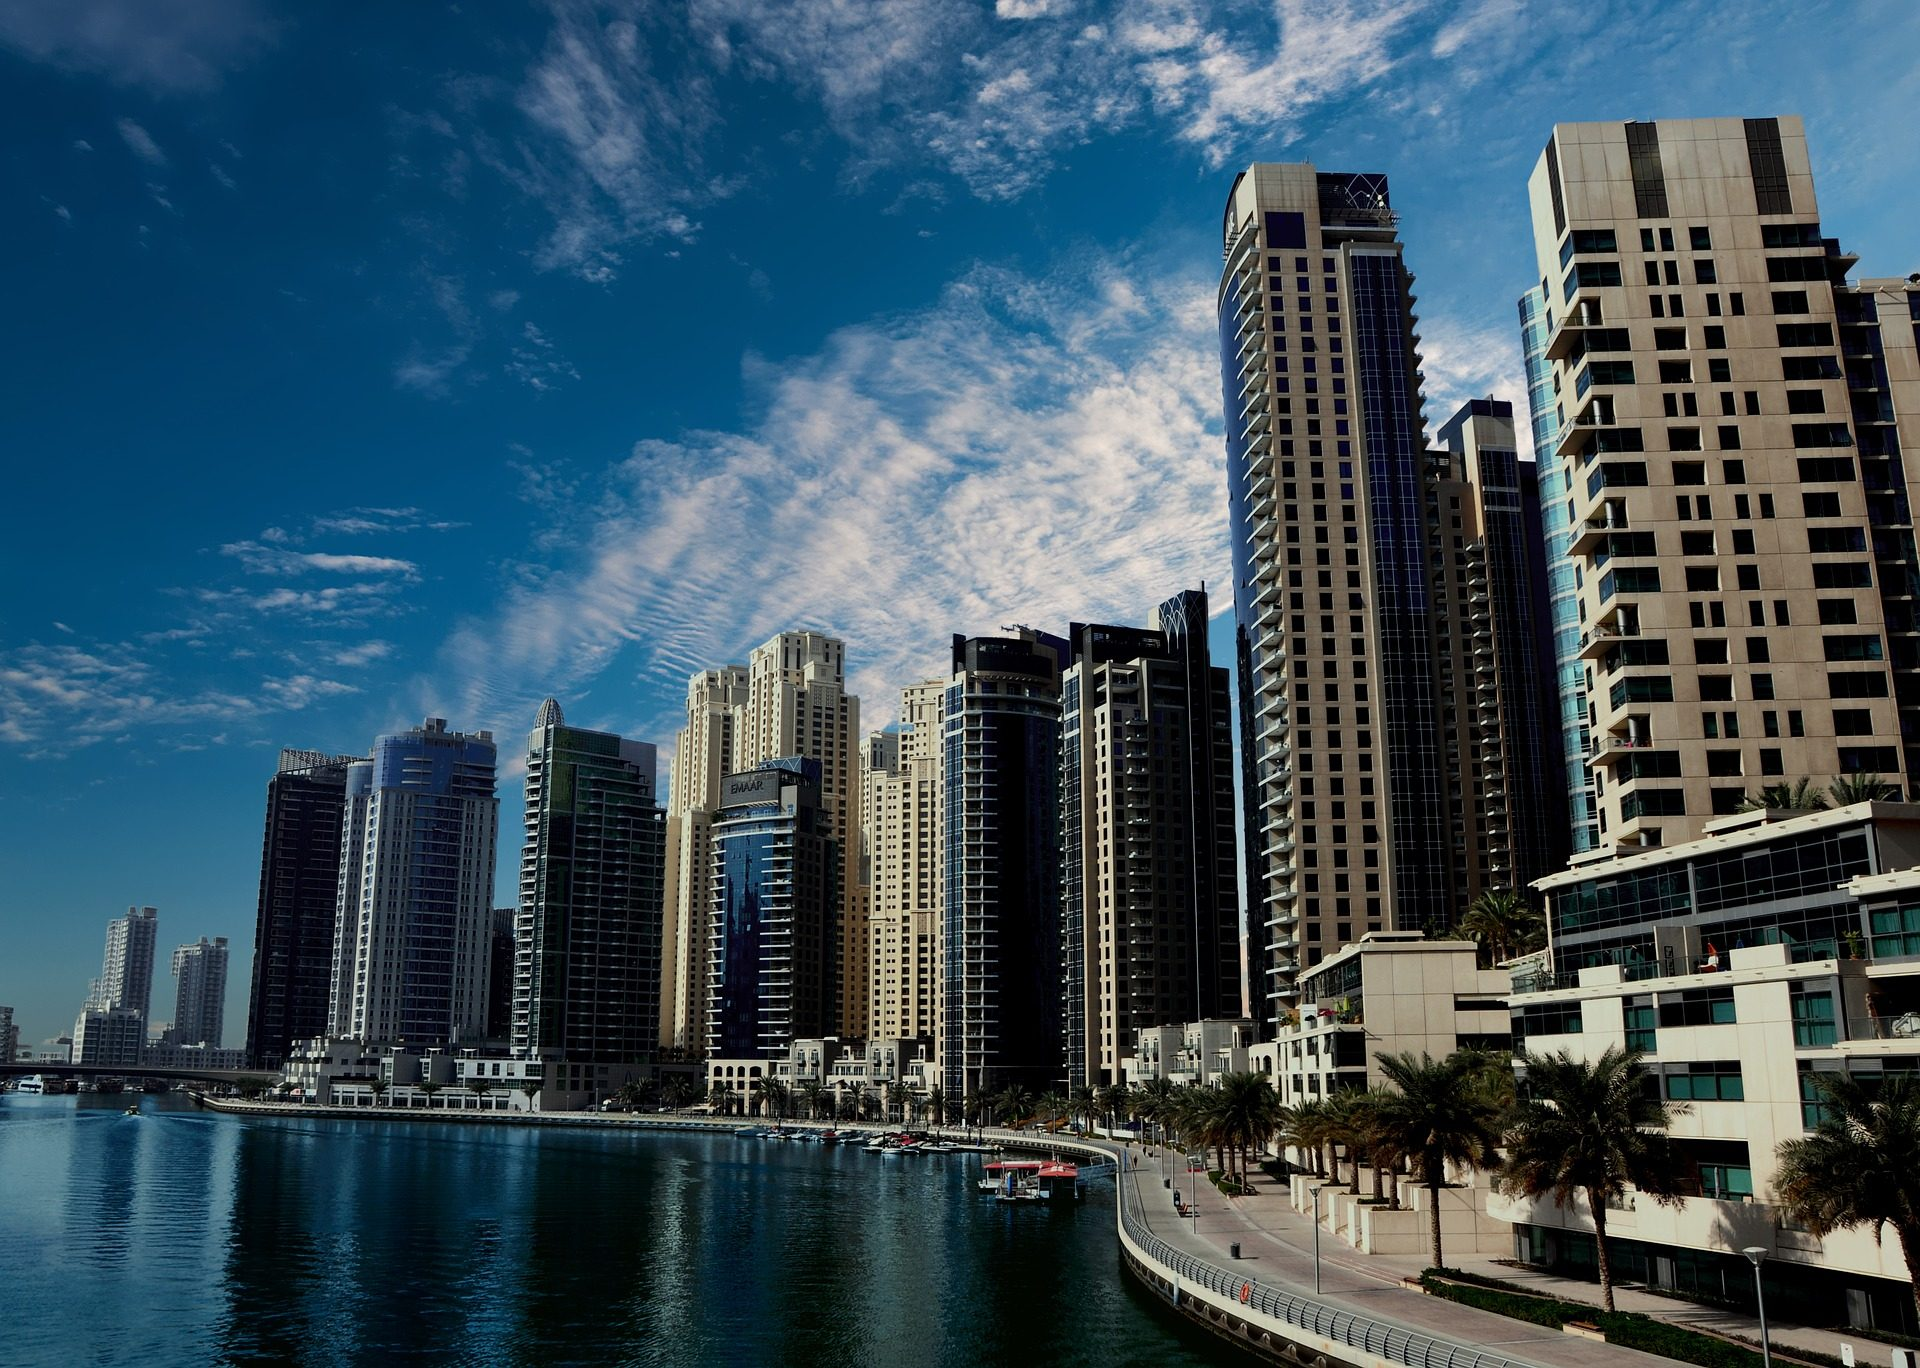 Fondo de pantalla de ciudad rascacielos edificios for Imagenes de arquitectura